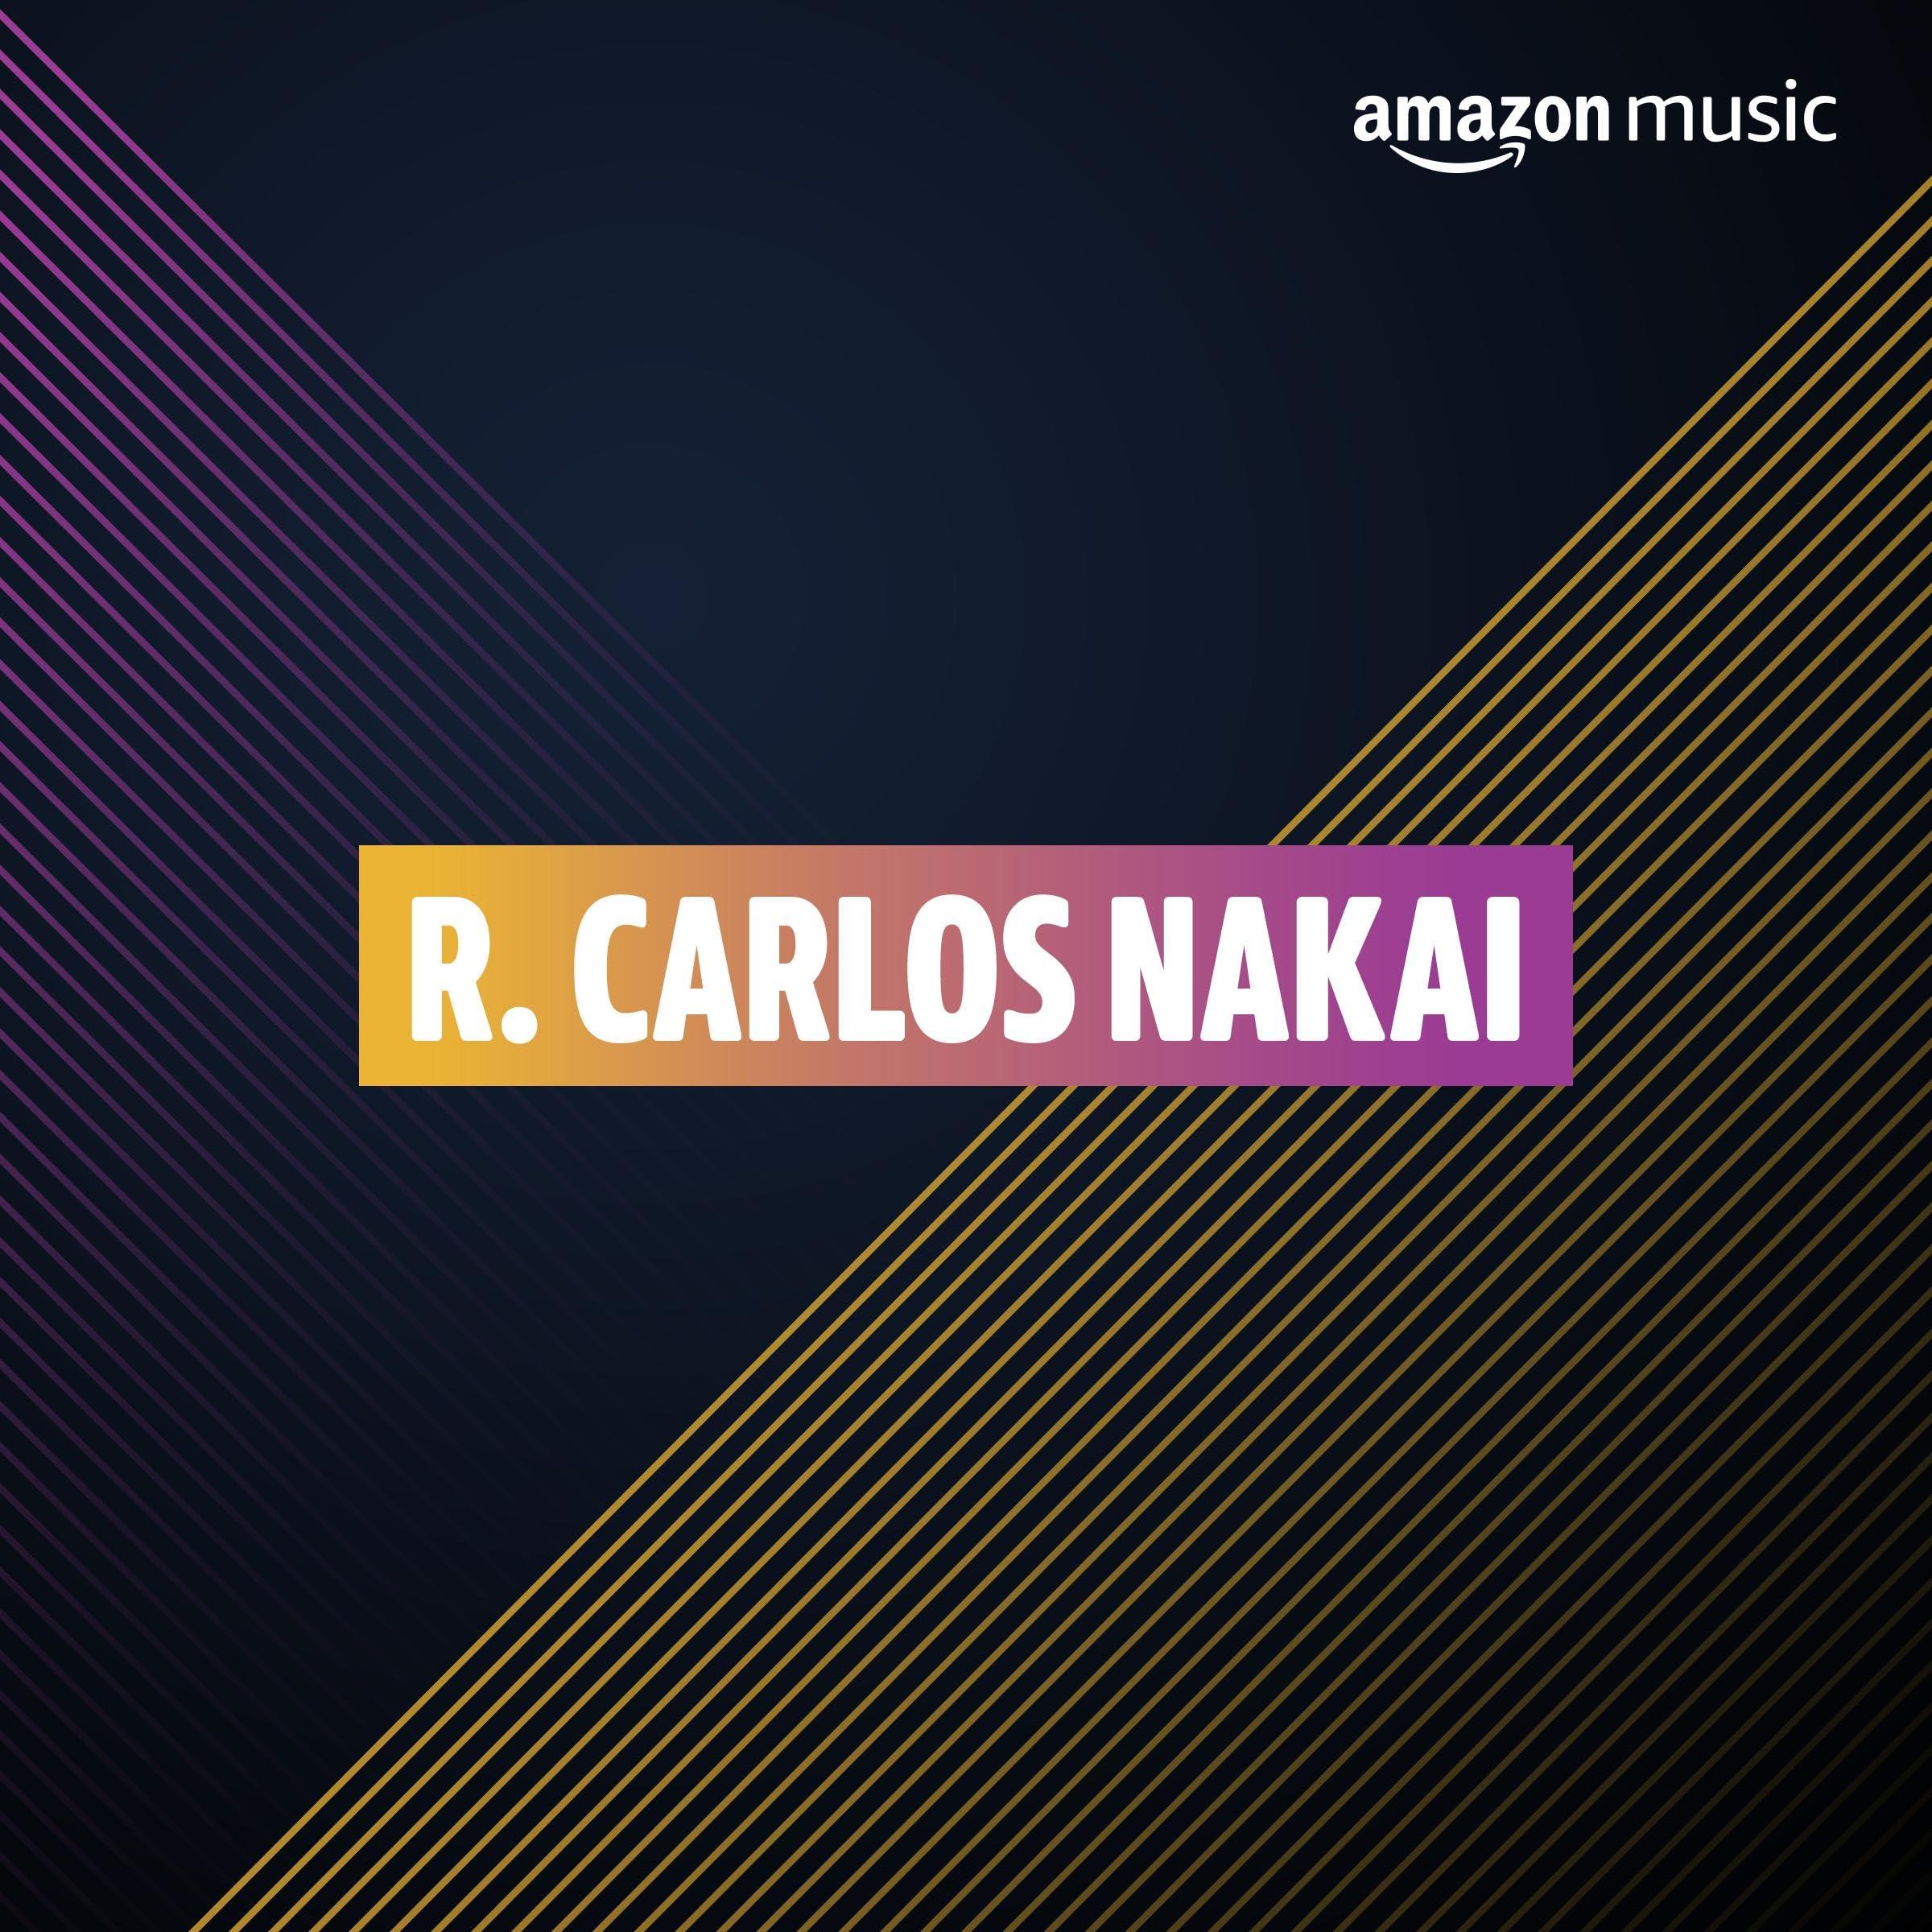 R. Carlos Nakai